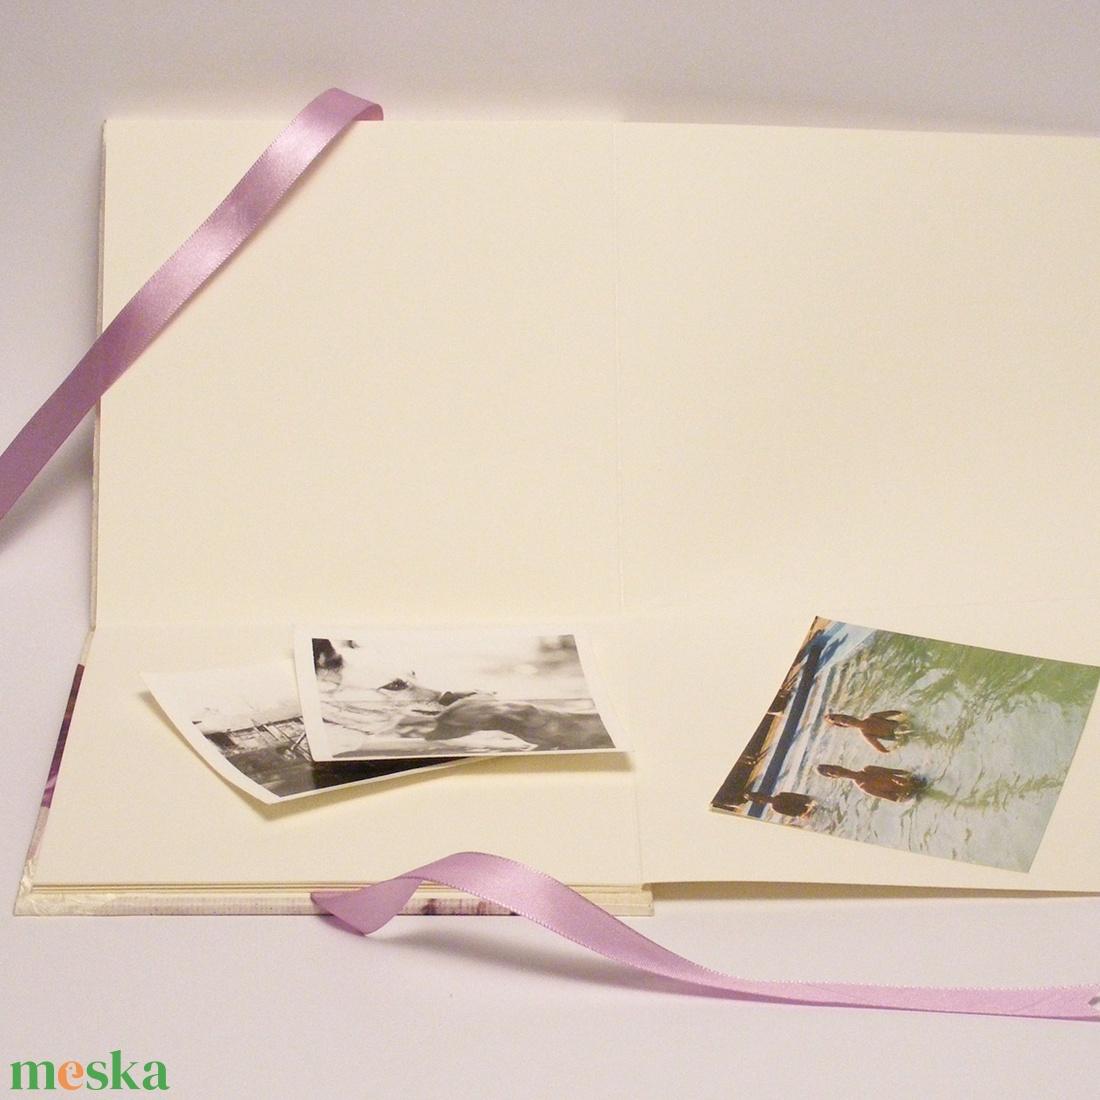 Romantikus fotóalbum, levendulás fényképalbum esküvőre, fehér gyűrt selyem és papír borító, szalaggal 1. - esküvő - emlék & ajándék - album & fotóalbum - Meska.hu